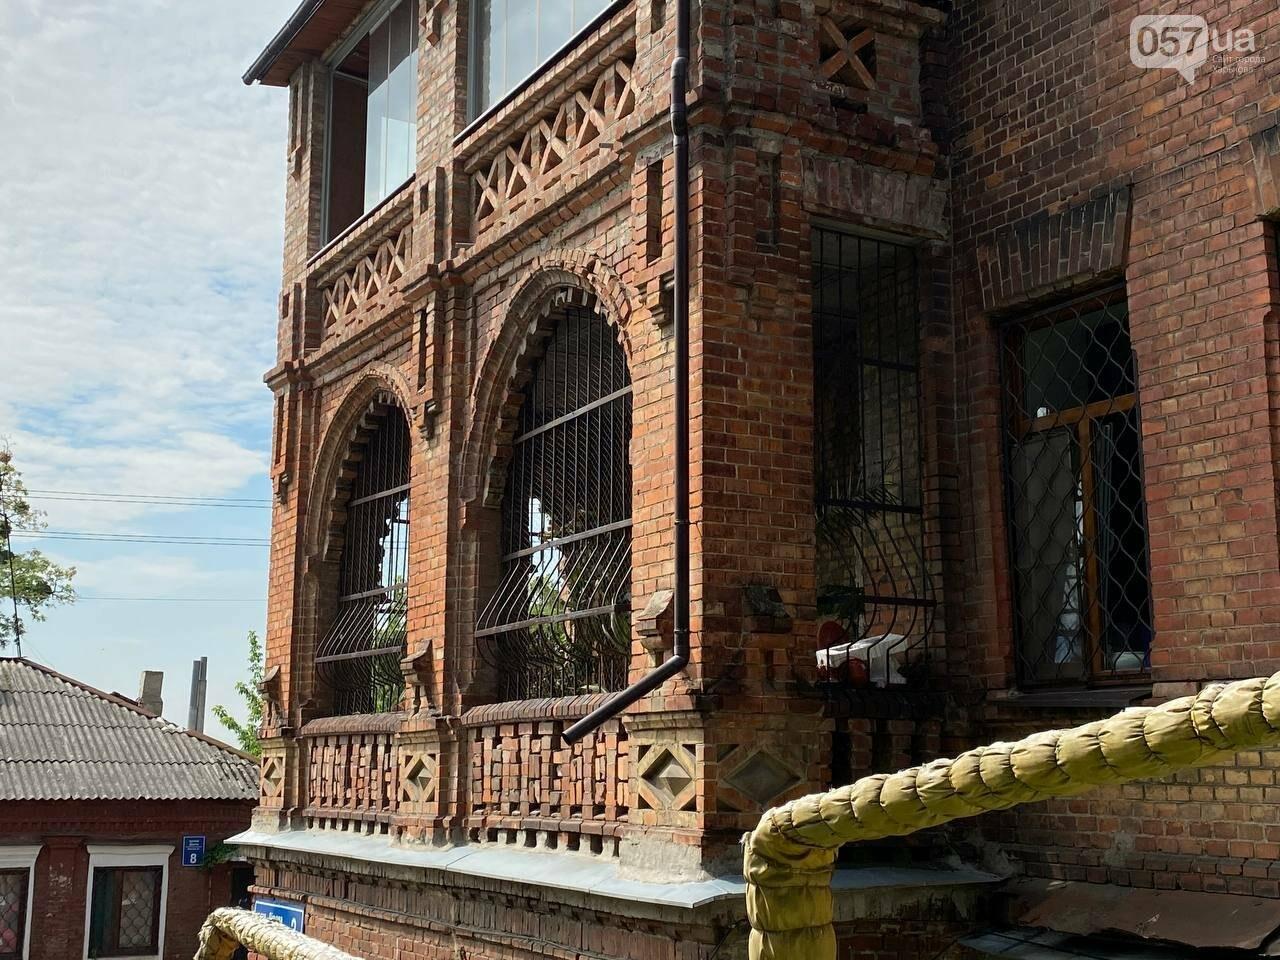 ТОП-5 «замков» в Харькове: история старинных зданий в центре города, - ФОТО, фото-8